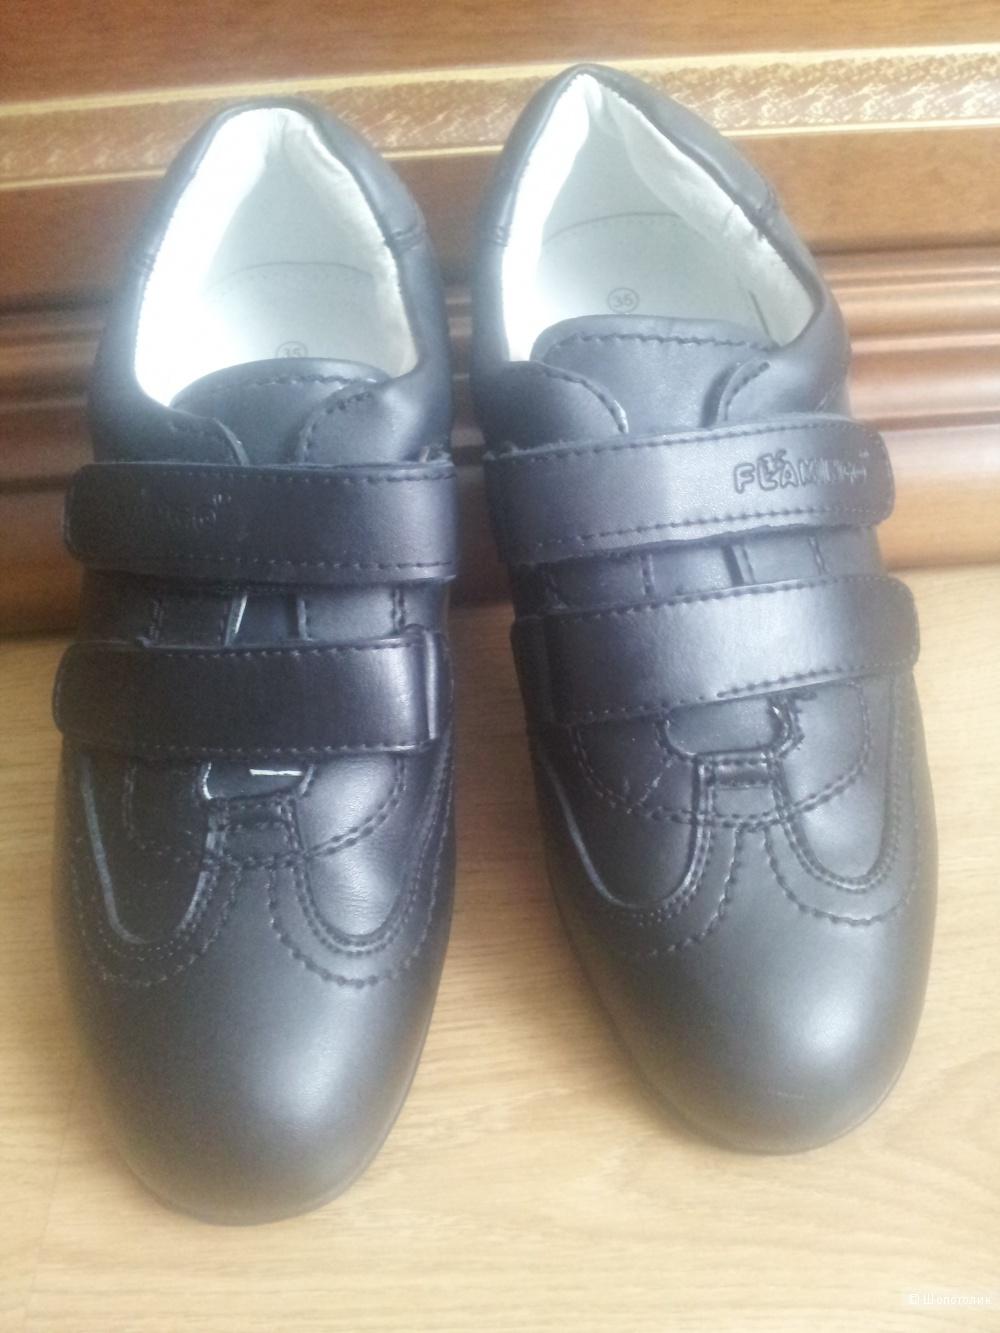 Новые ботинки Flamingo, для мальчика, 35 р-р, 22 см, комфортные